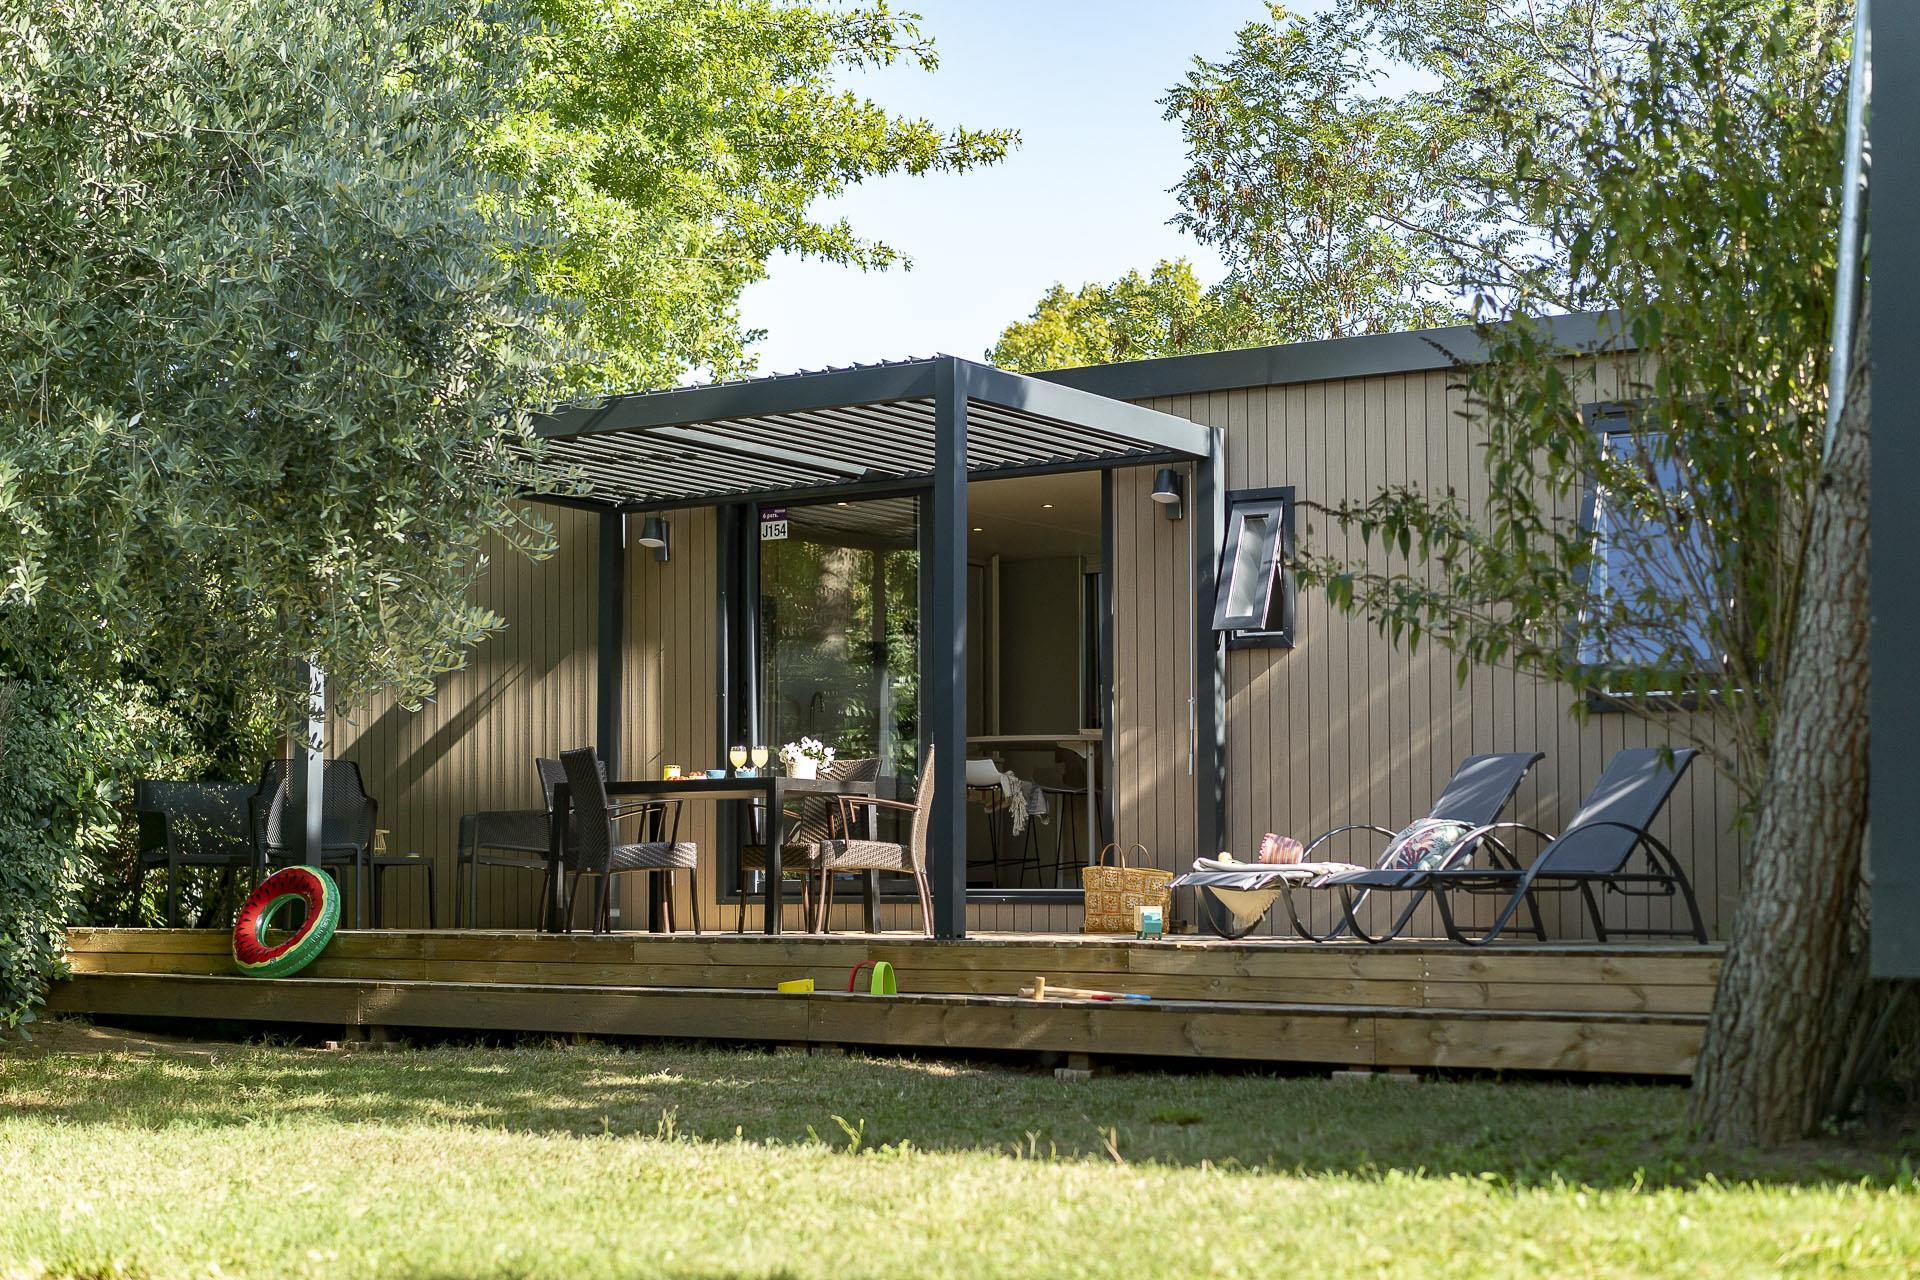 Location - Cottage Premium 3 Chambres / 2 Salles De Bain - Climatisé - Yelloh! Village Soleil Vivarais